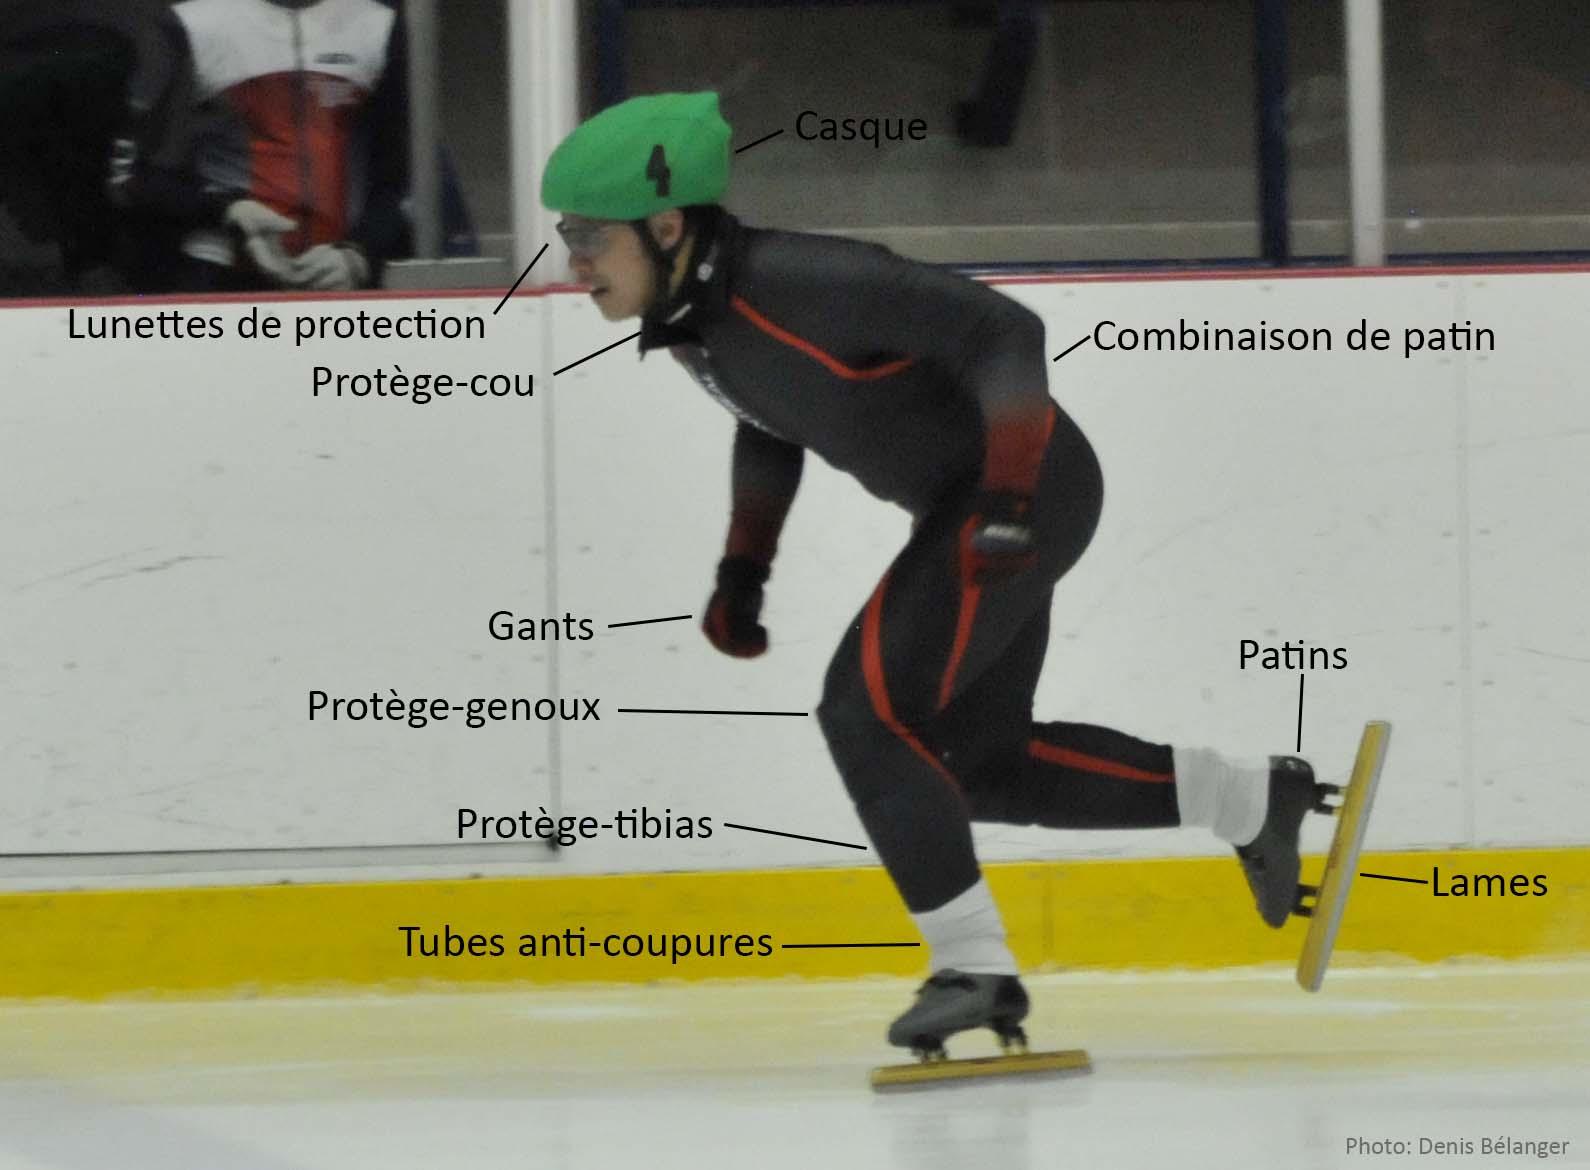 L'équipement d'un patineur de vitesse